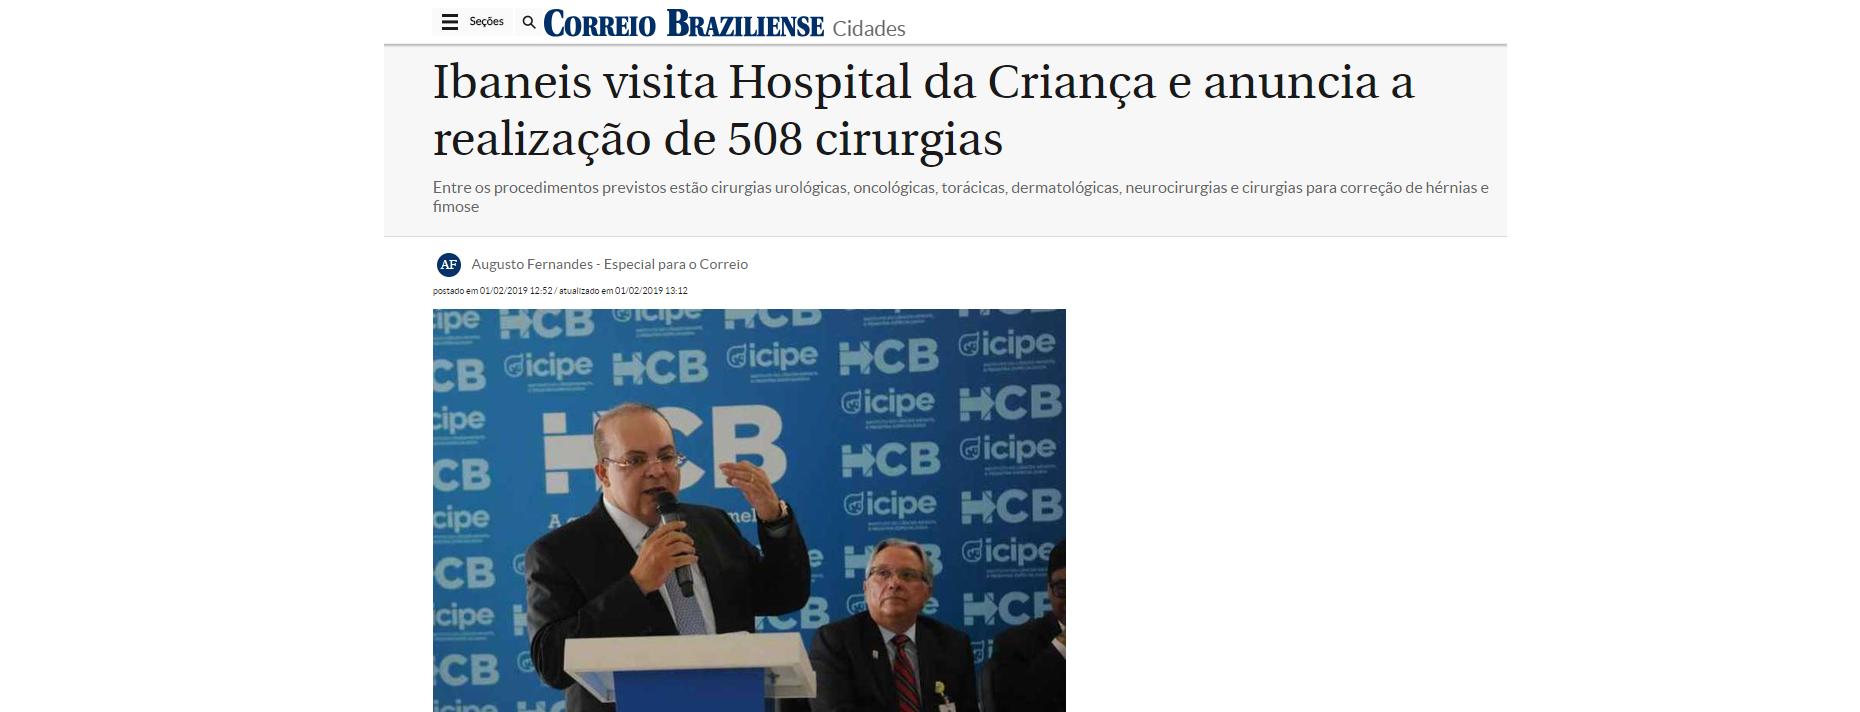 Correio Braziliense: governador anuncia 508 cirurgias no HCB e elogia modelo de gestão